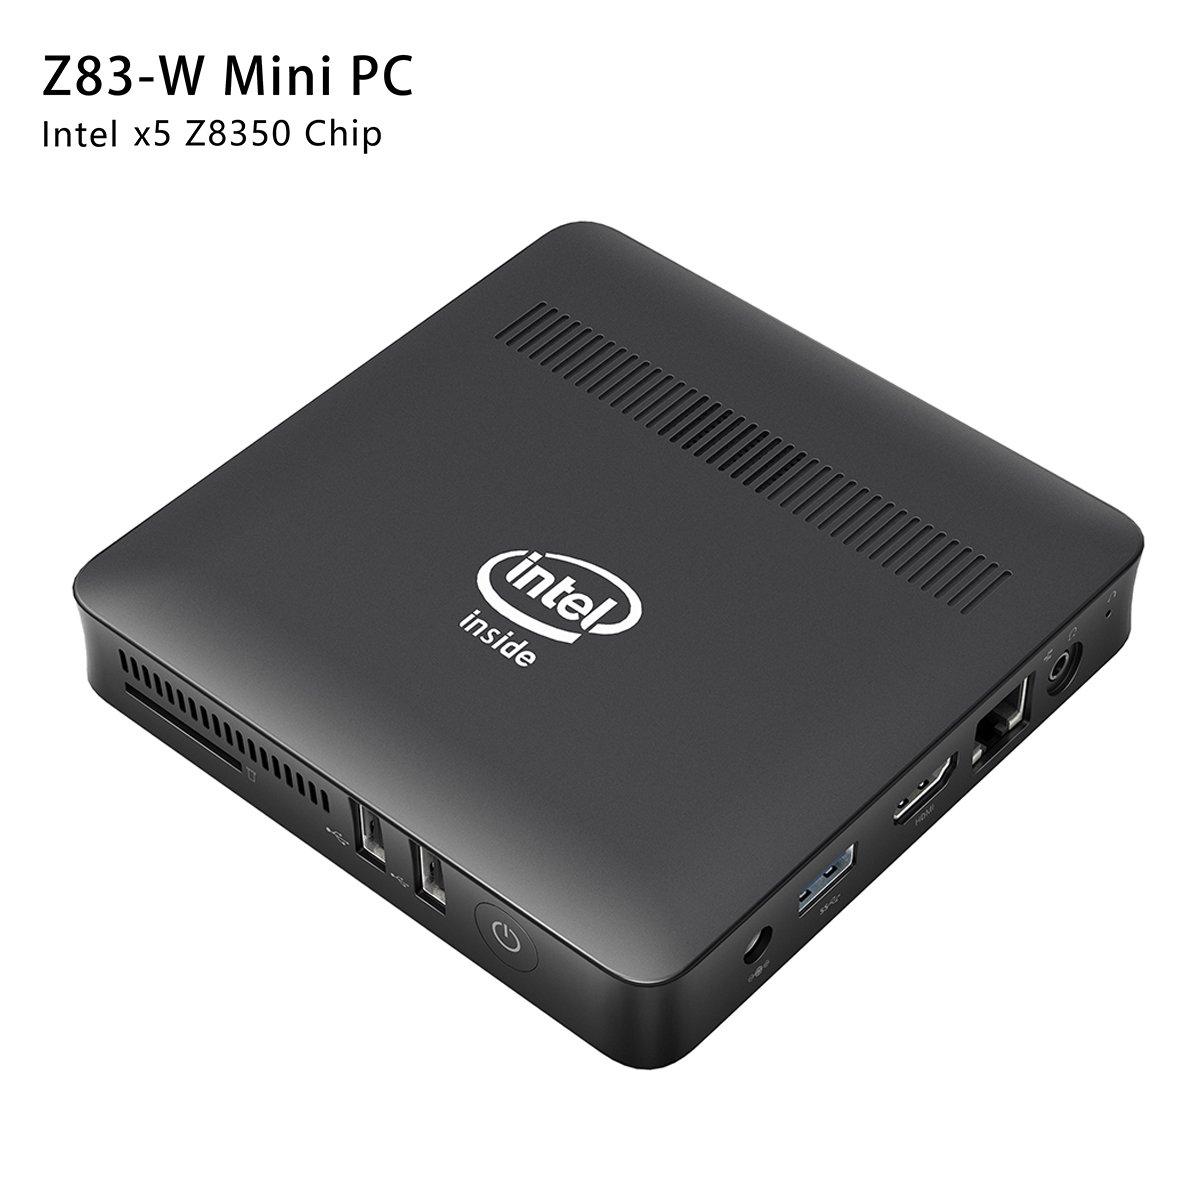 Z83-W Fanless Mini PC Desktop, Windows 10 64-bit Intel x5-Z8350 (Up To 1.92 GHz) HD Graphics, DDR3L 2GB/ 32GB eMMC/ 4K/ 1000M LAN/ 2.4/5.8GHz WiFi/ BT 4.0 [Dual Output - VGA/HDMI]